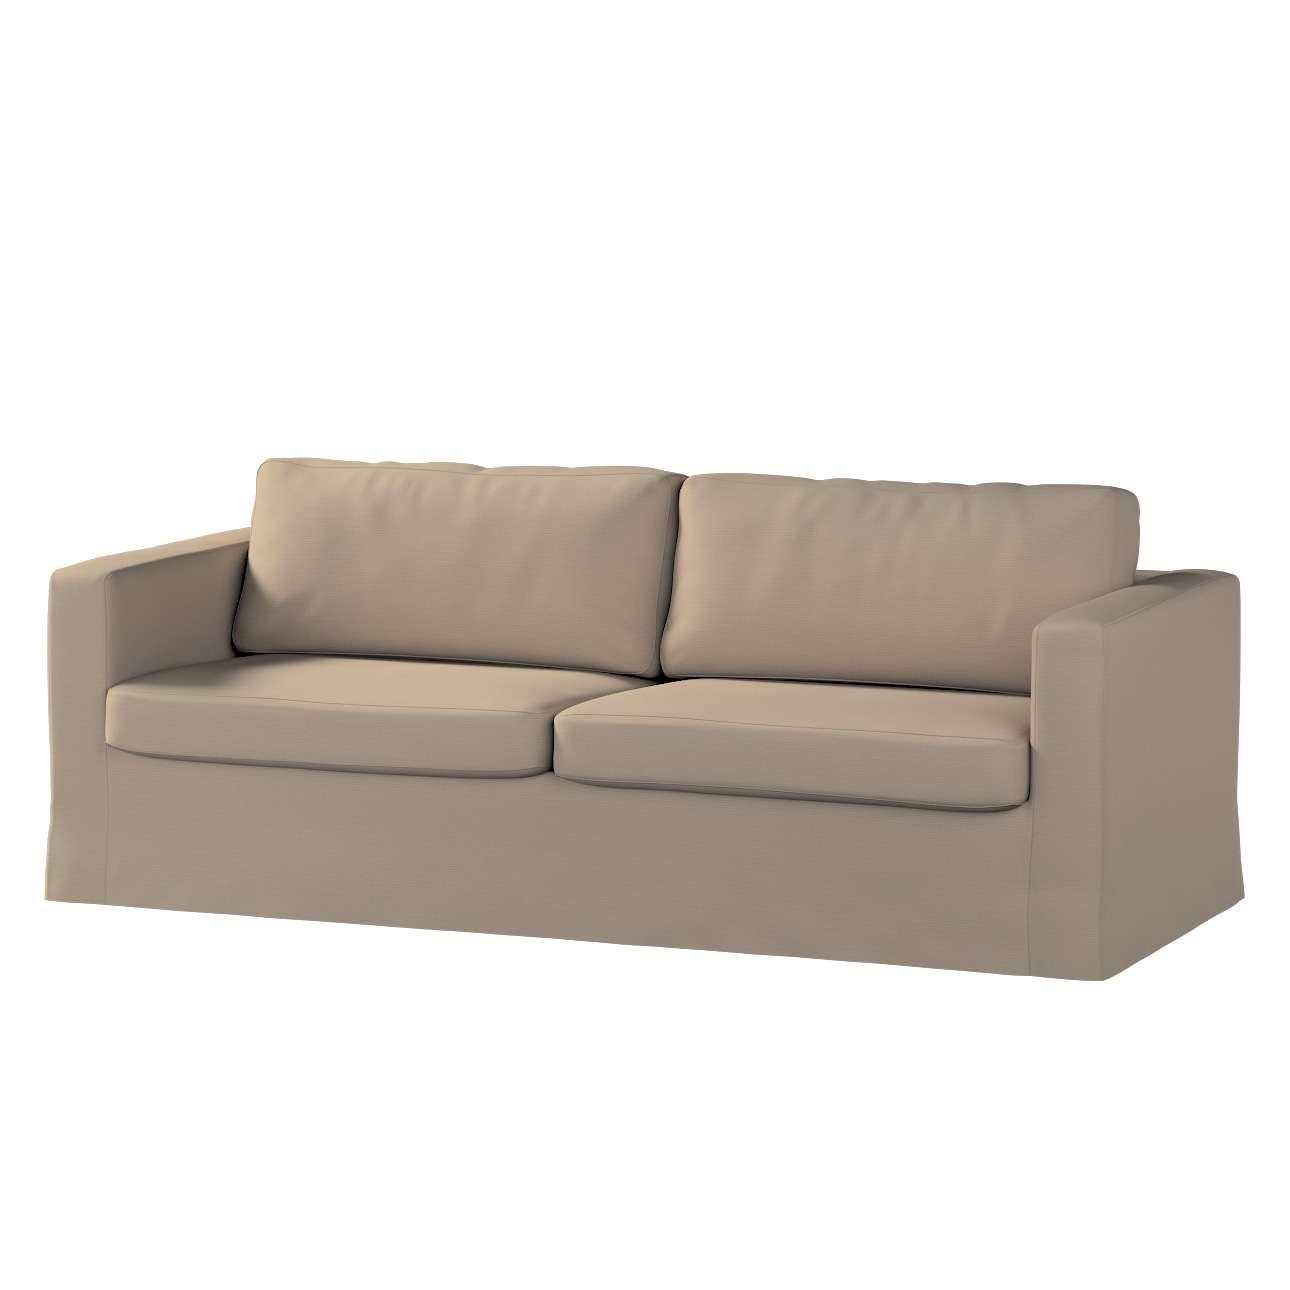 Potah na pohovku IKEA  Karlstad 3-místná, nerozkládací, dlouhý pohovka Karlstad 3-místná v kolekci Cotton Panama, látka: 702-28